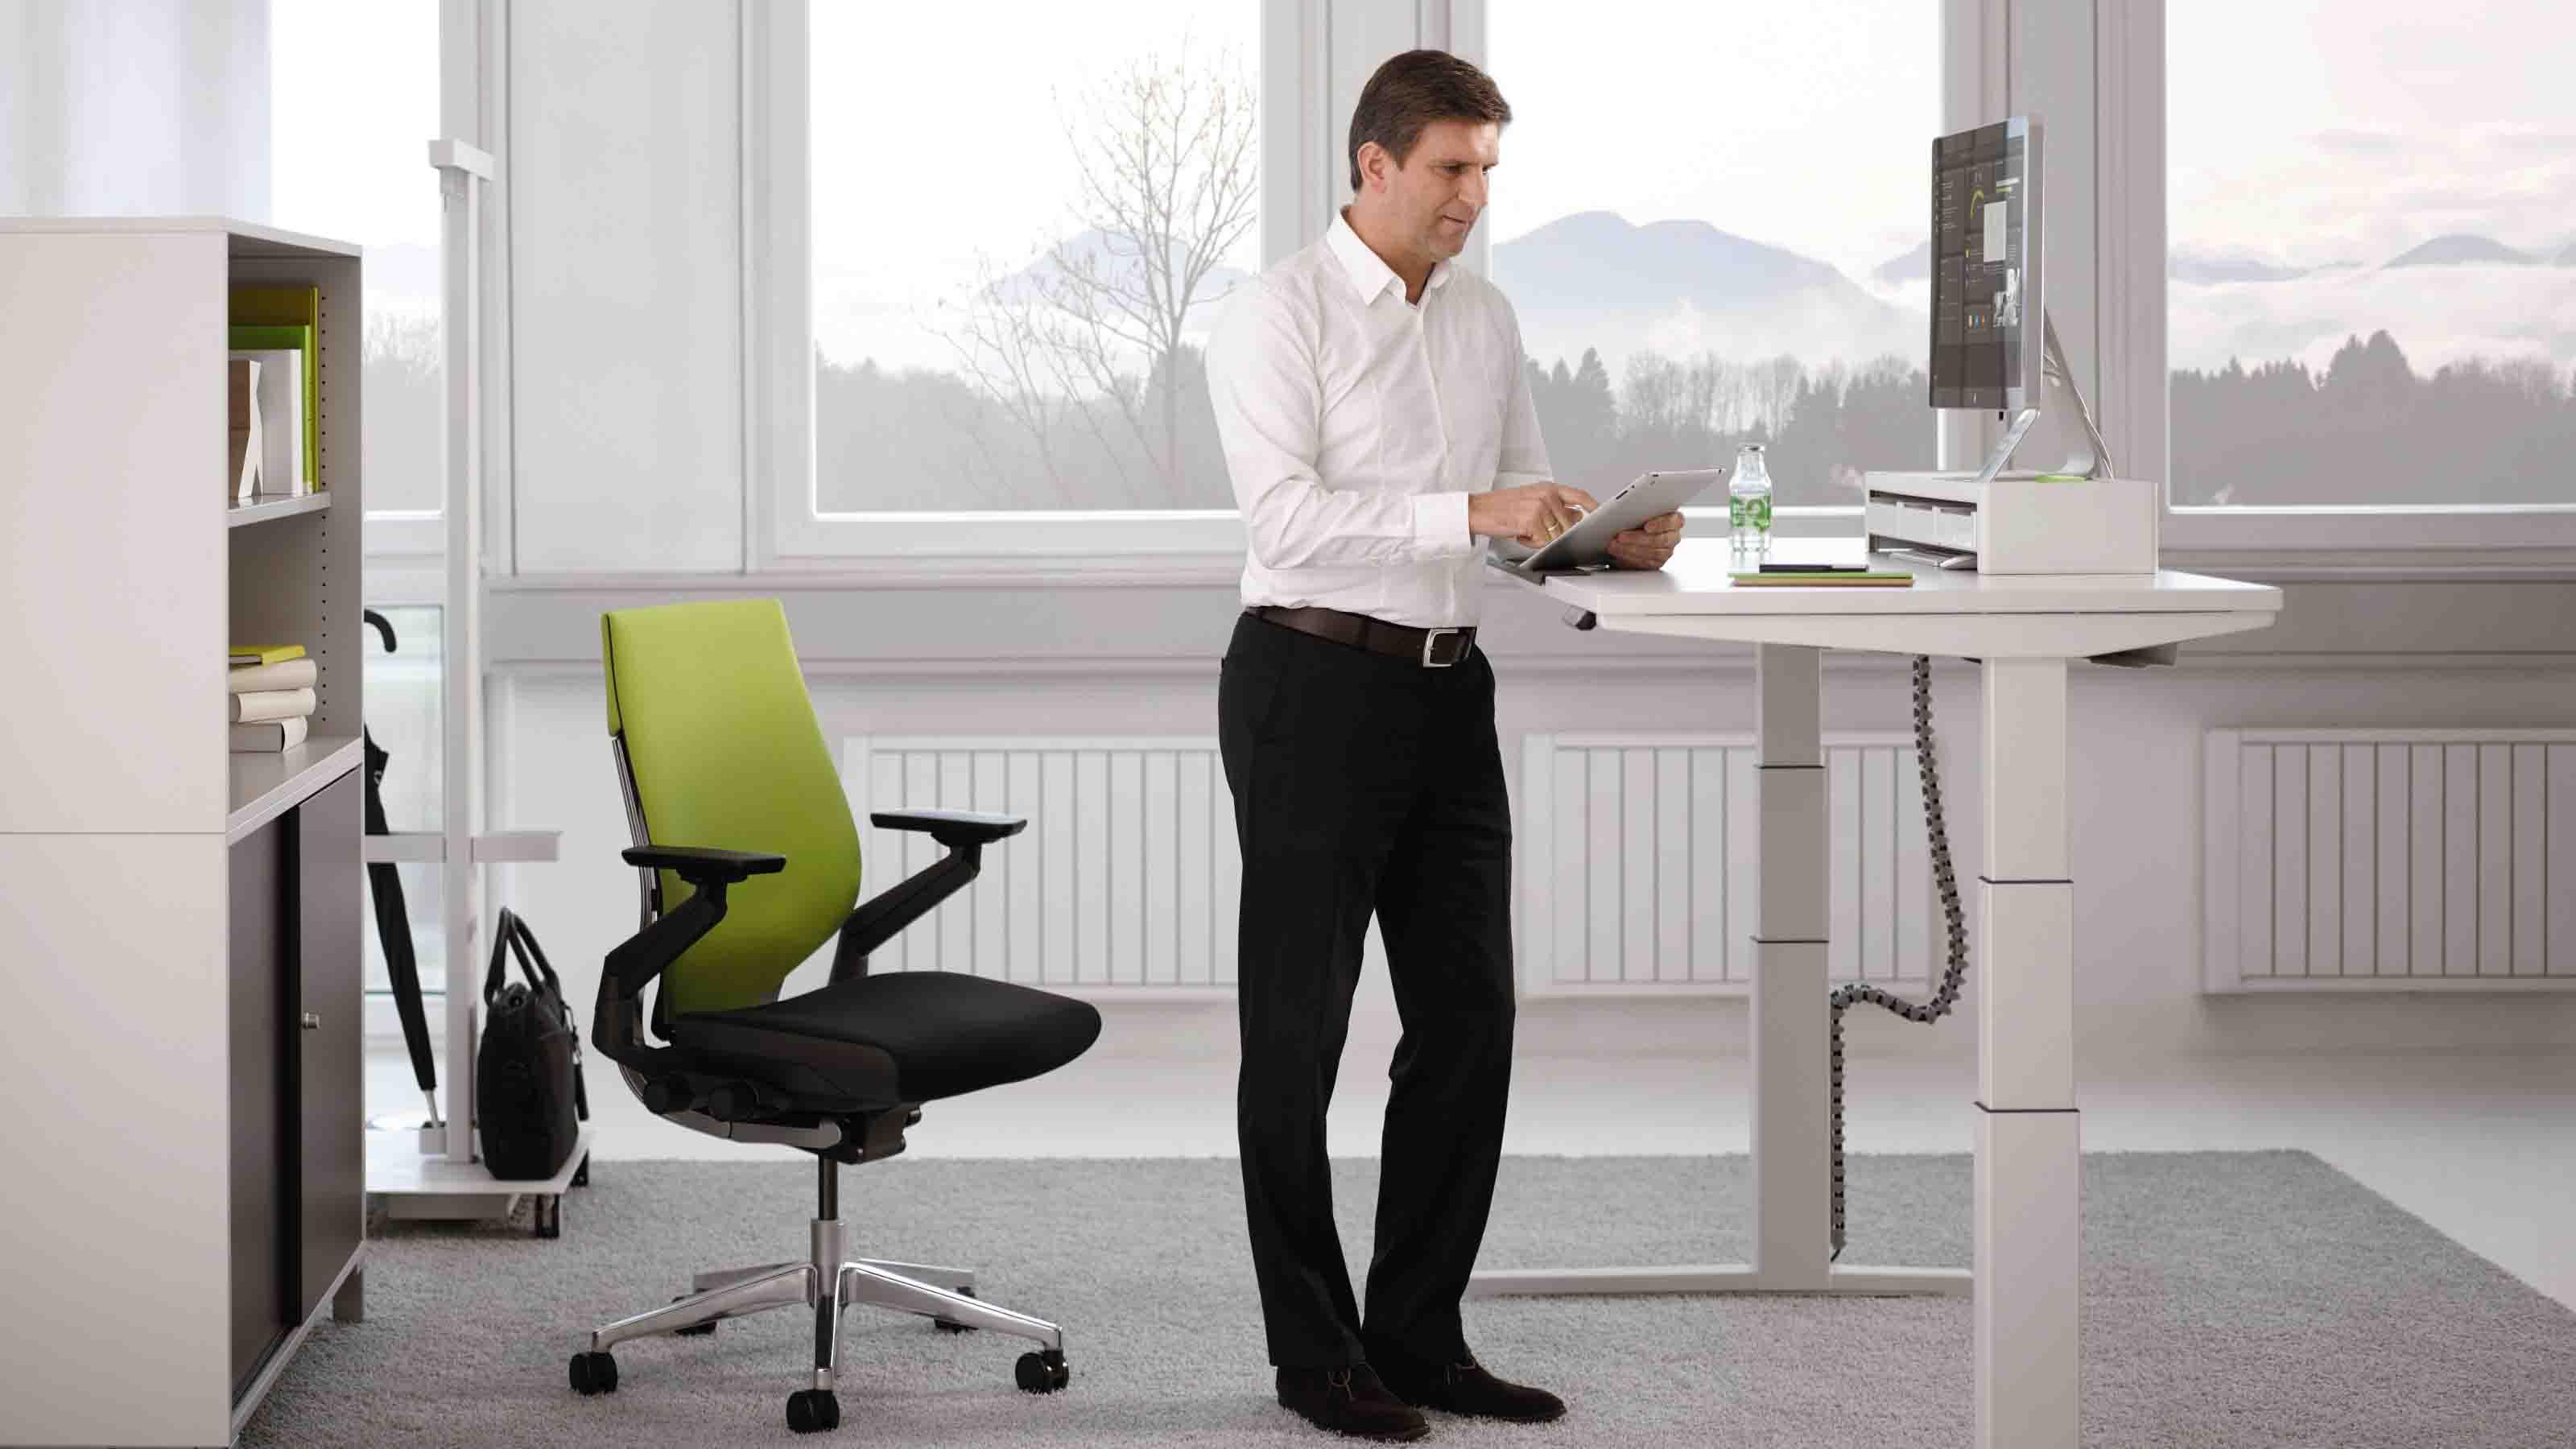 Une Etude Menee Sur 12 Mois Confirme Les Avantages Des Bureaux Reglables En Hauteur